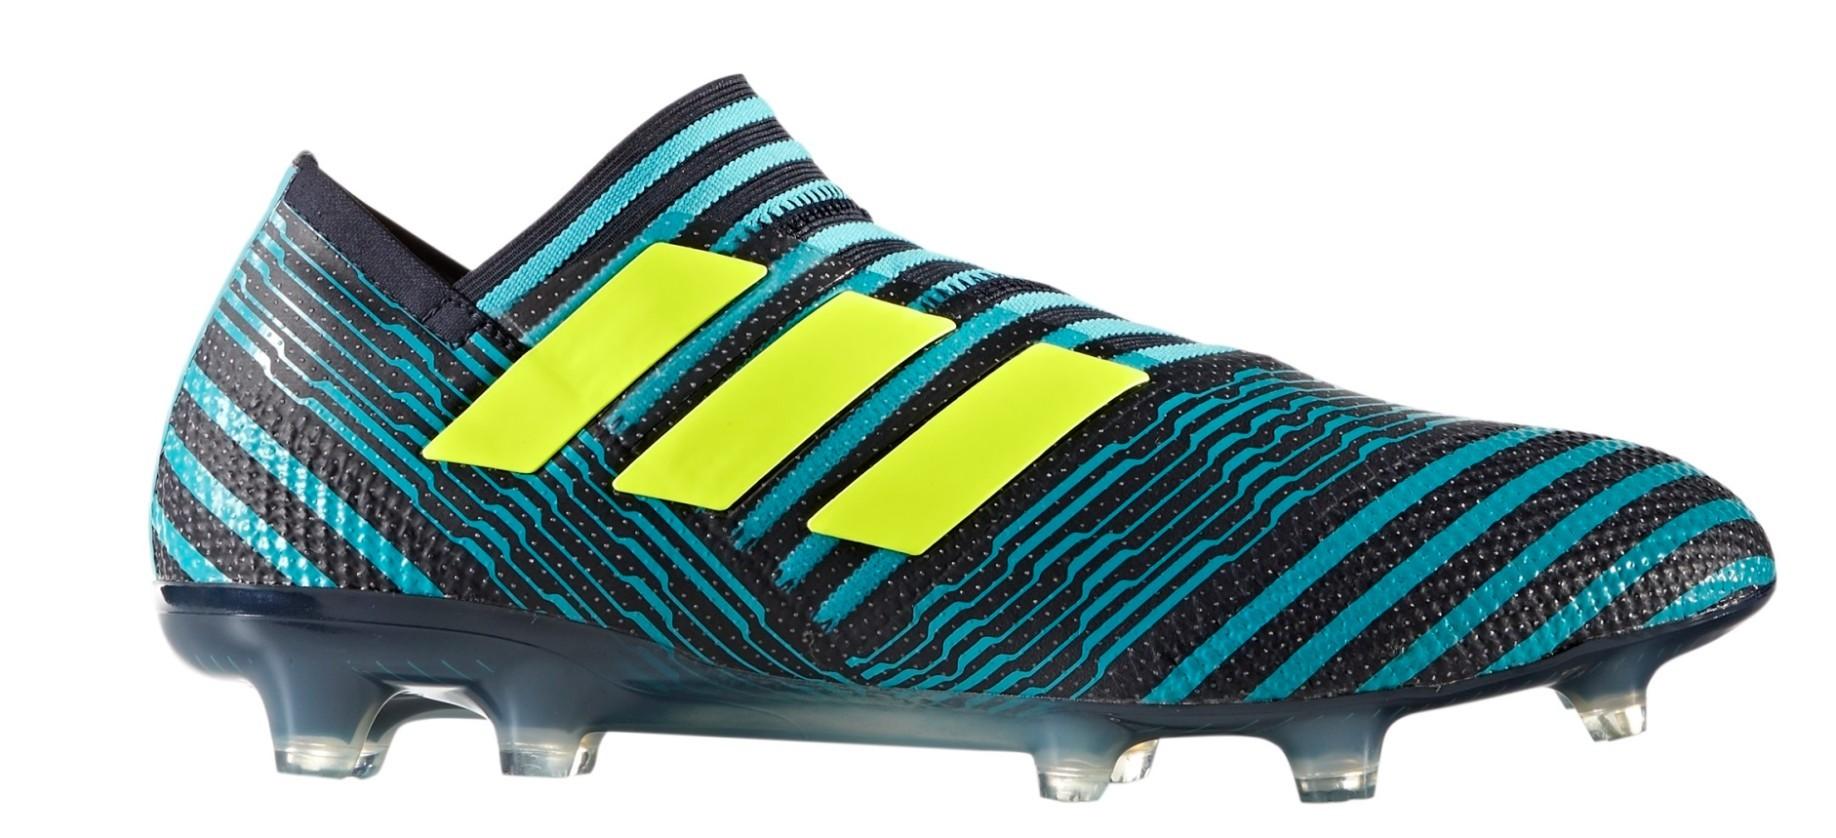 d77f976f1 Adidas Football boots Nemeziz 17+ FG 360 Agility Ocean Storm Pack colore  Blue - Adidas - SportIT.com